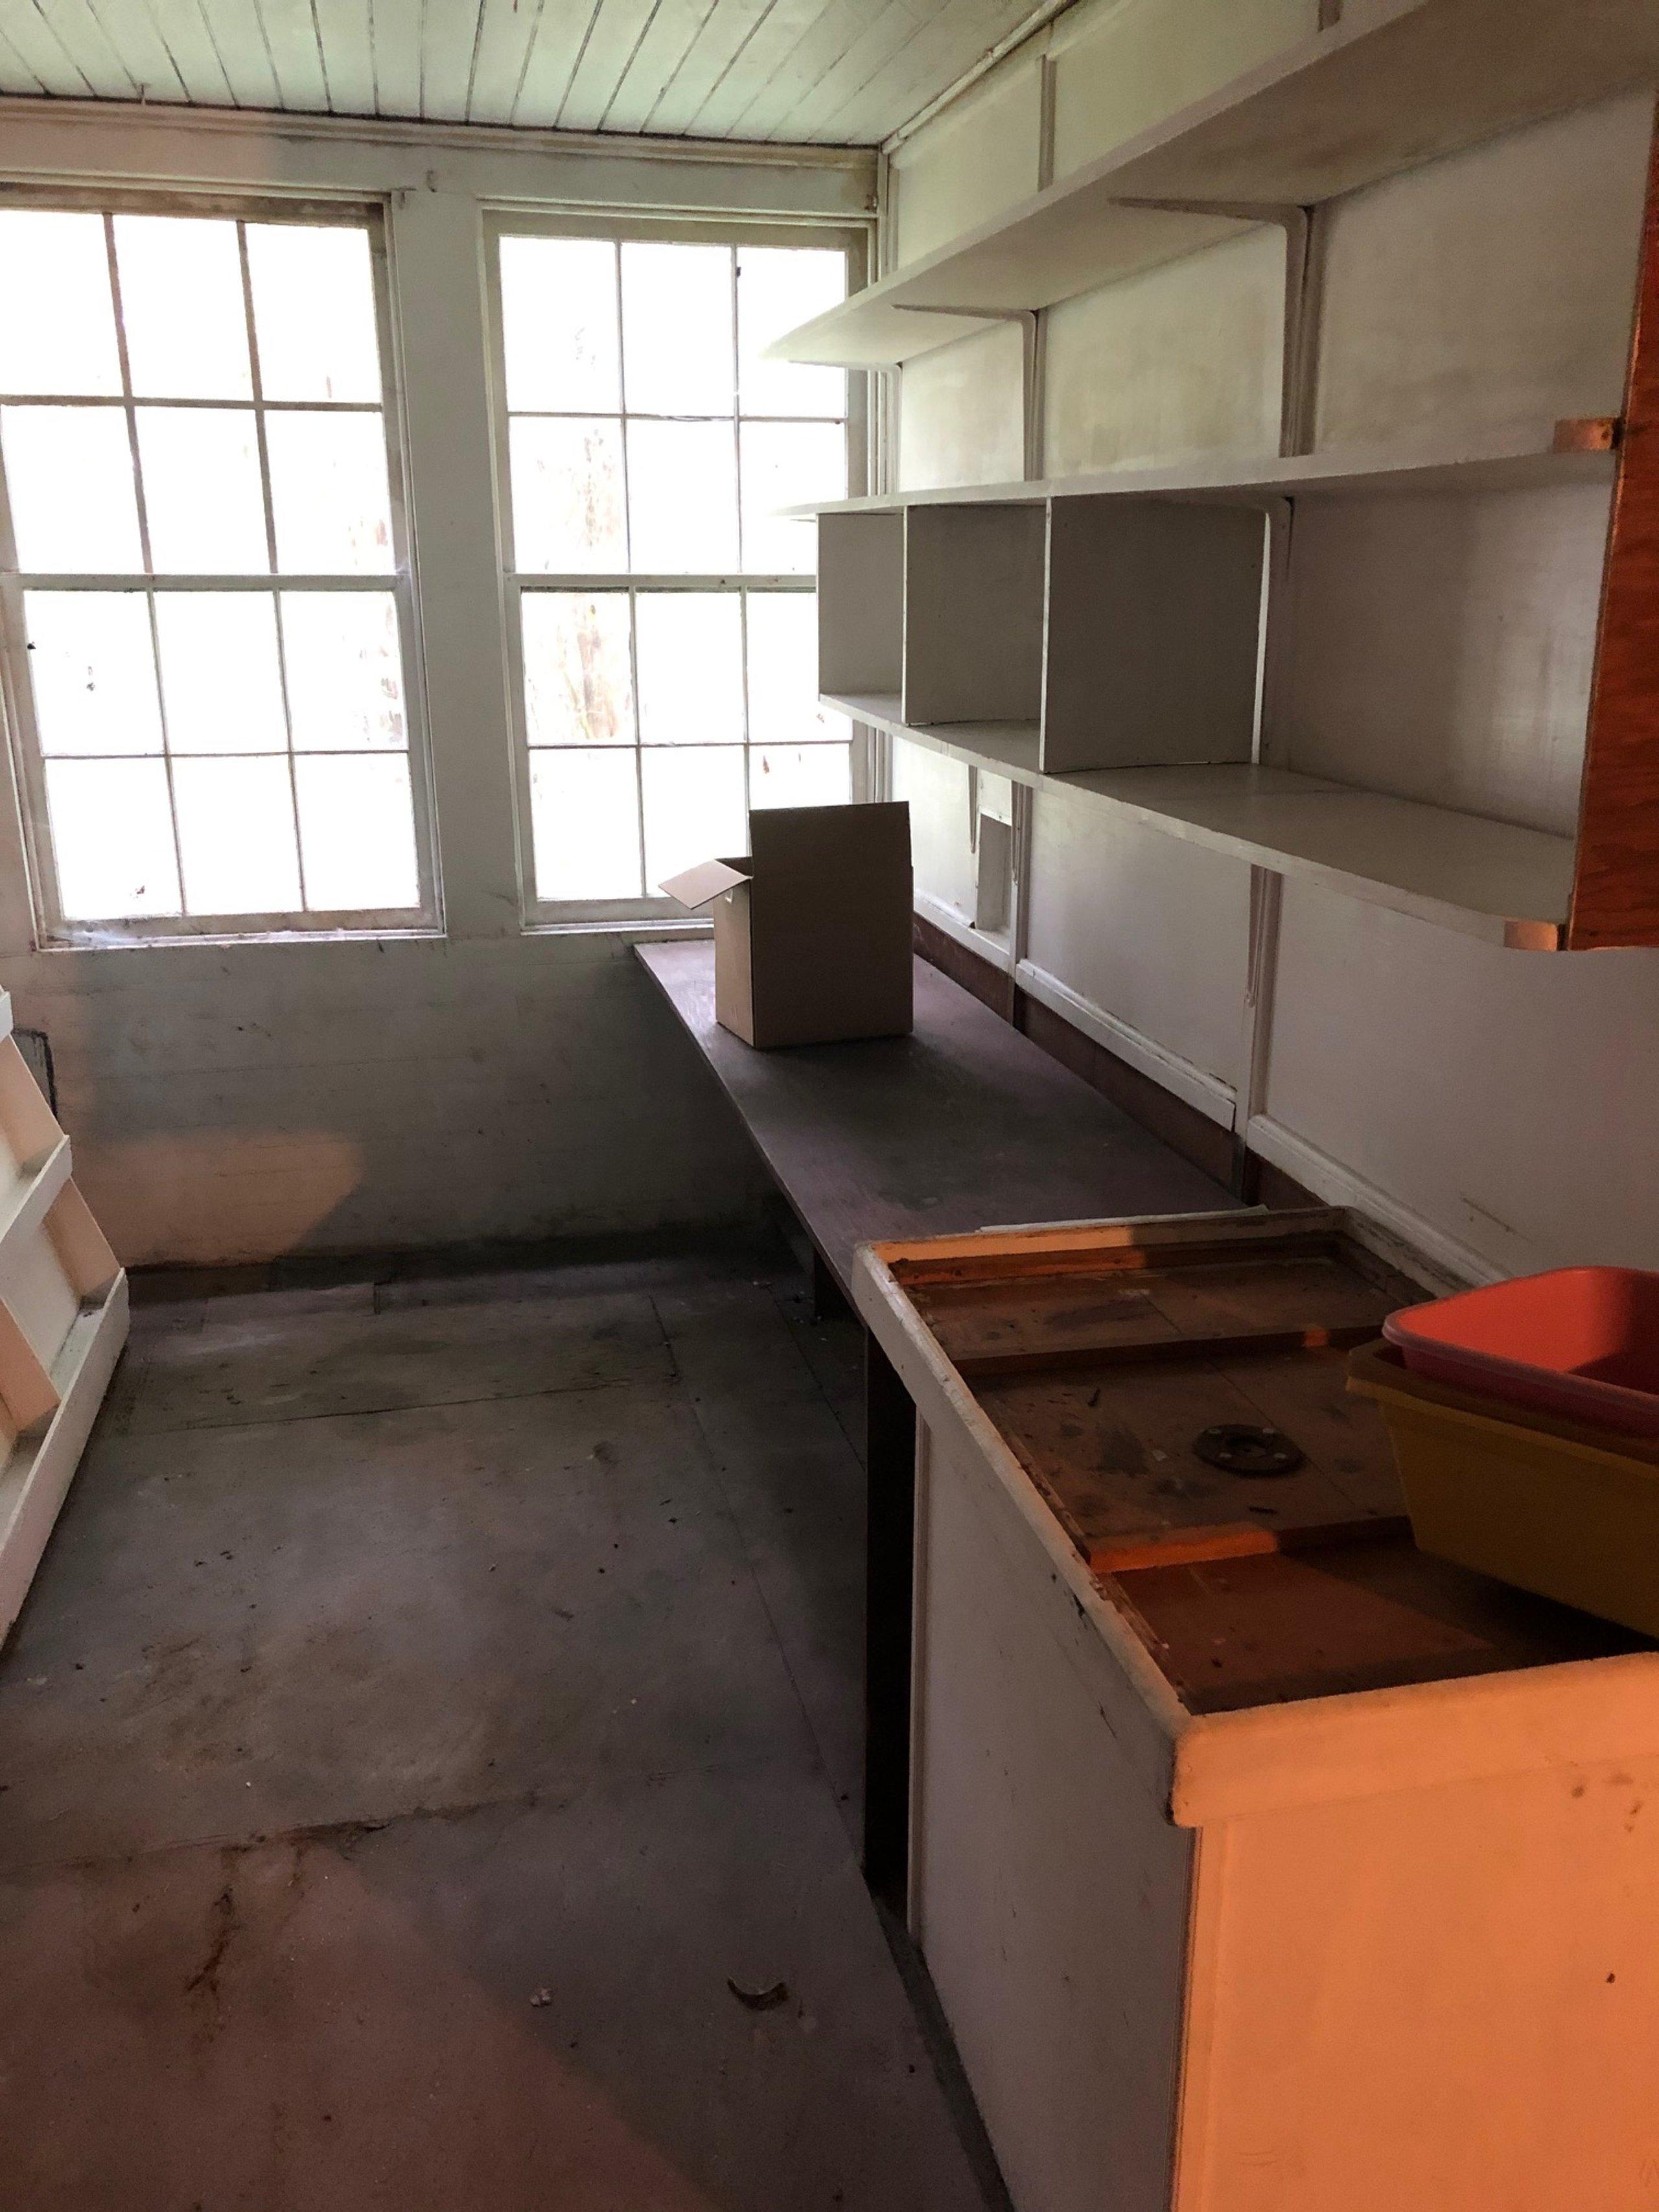 8x14 Garage self storage unit